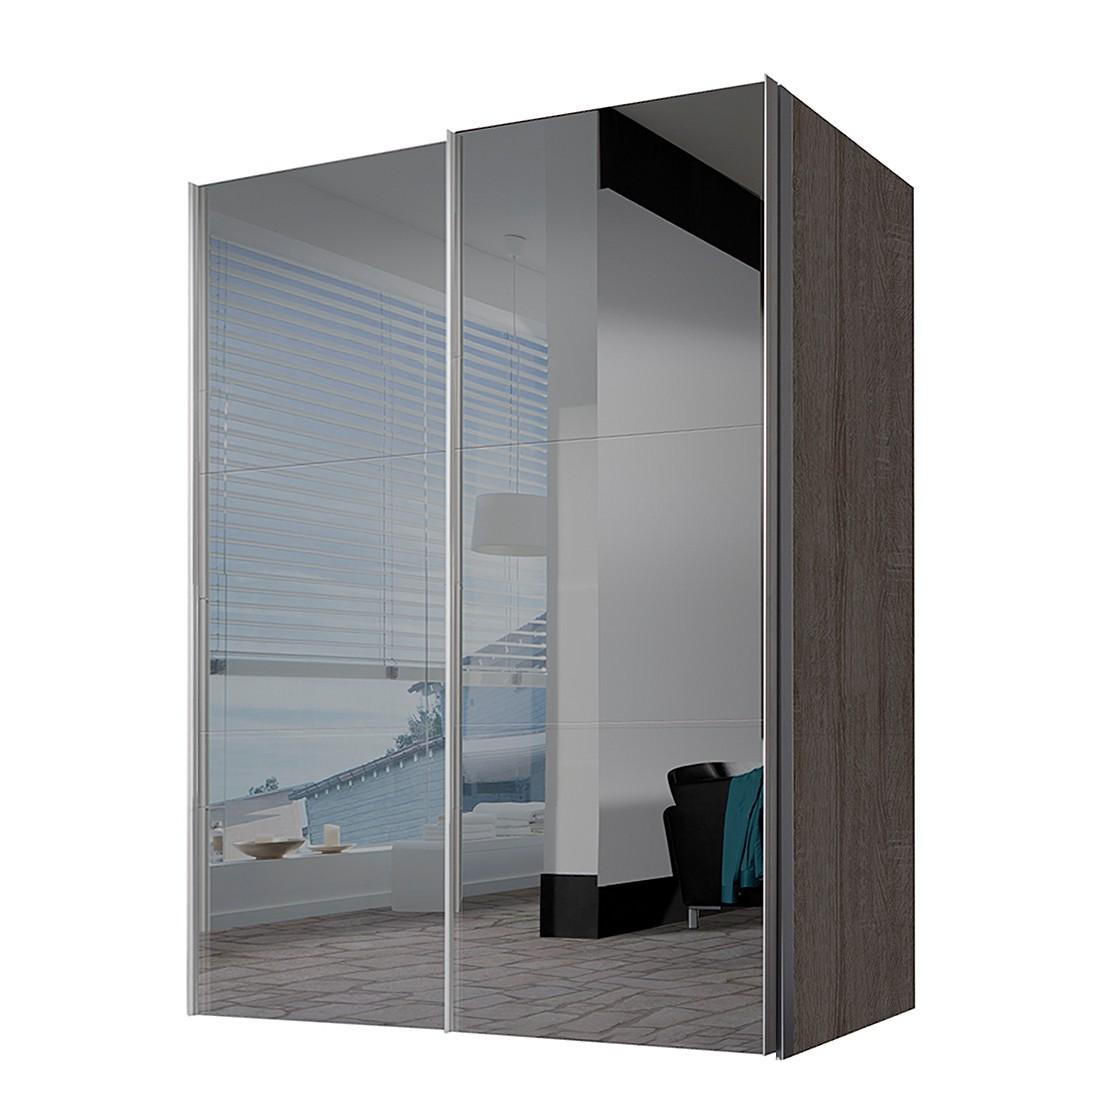 schwebet renschrank ruby tr ffeleiche dekor grauspiegel bxh 300 x 236 cm 3 t rig. Black Bedroom Furniture Sets. Home Design Ideas